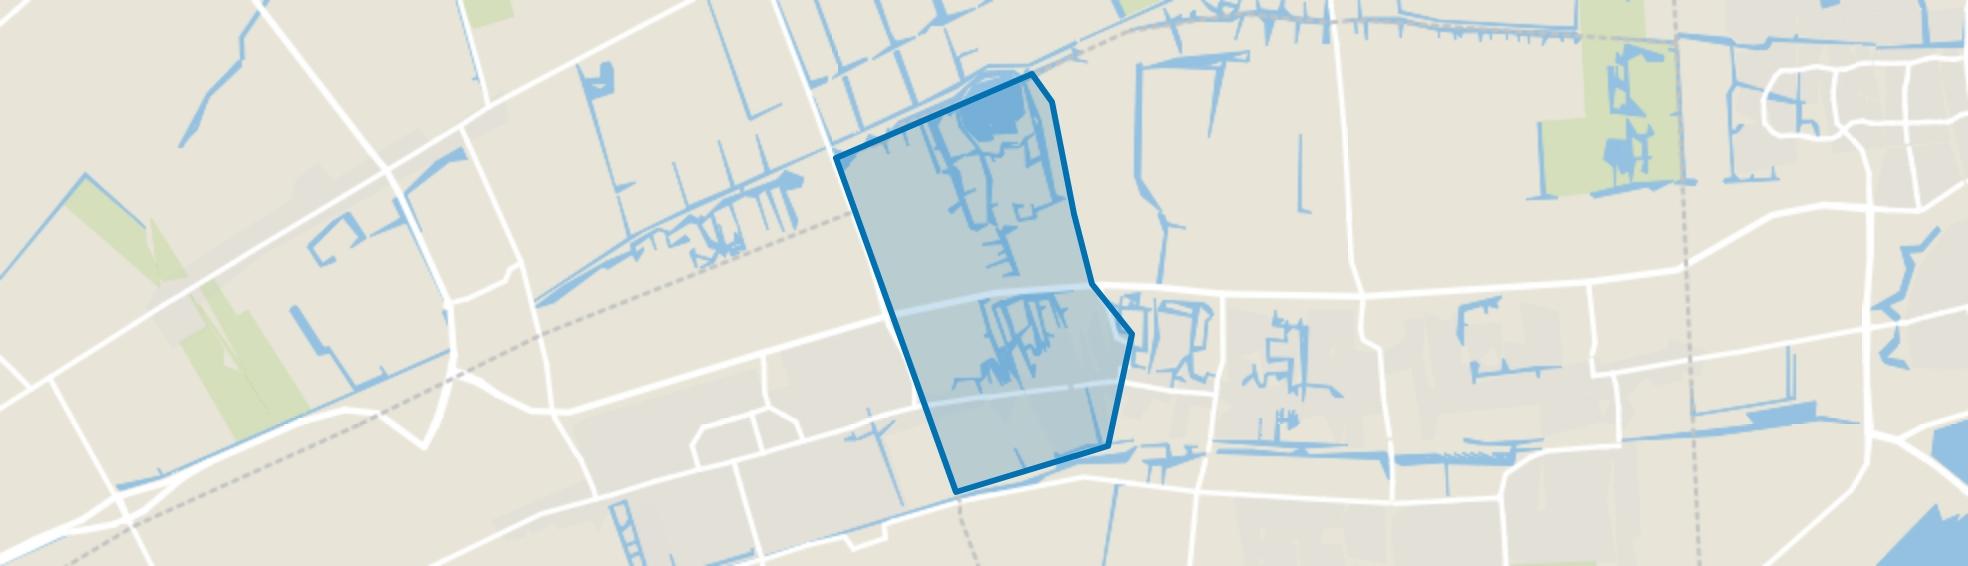 Lutjebroek, Lutjebroek map